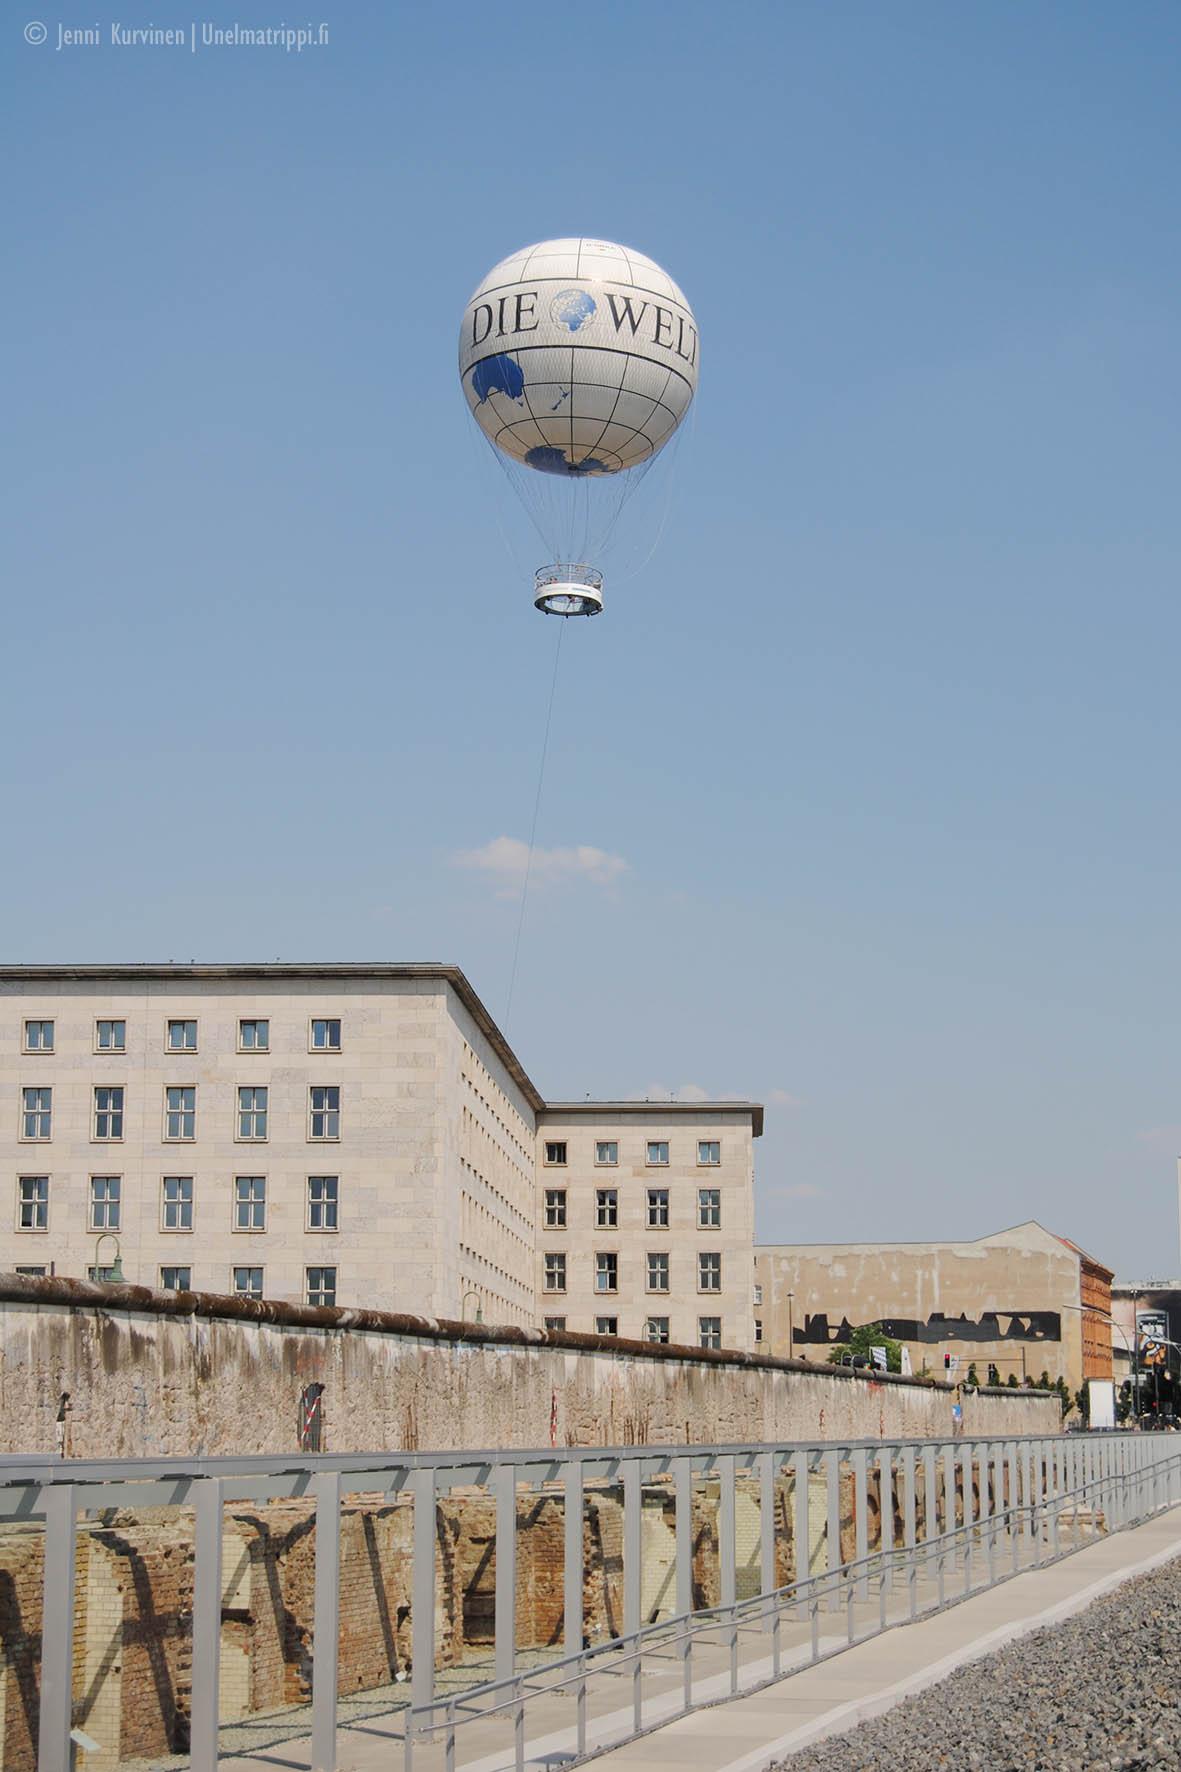 Welt-pallo Topographie des Terrors -muistomerkin yllä kesällä 2010